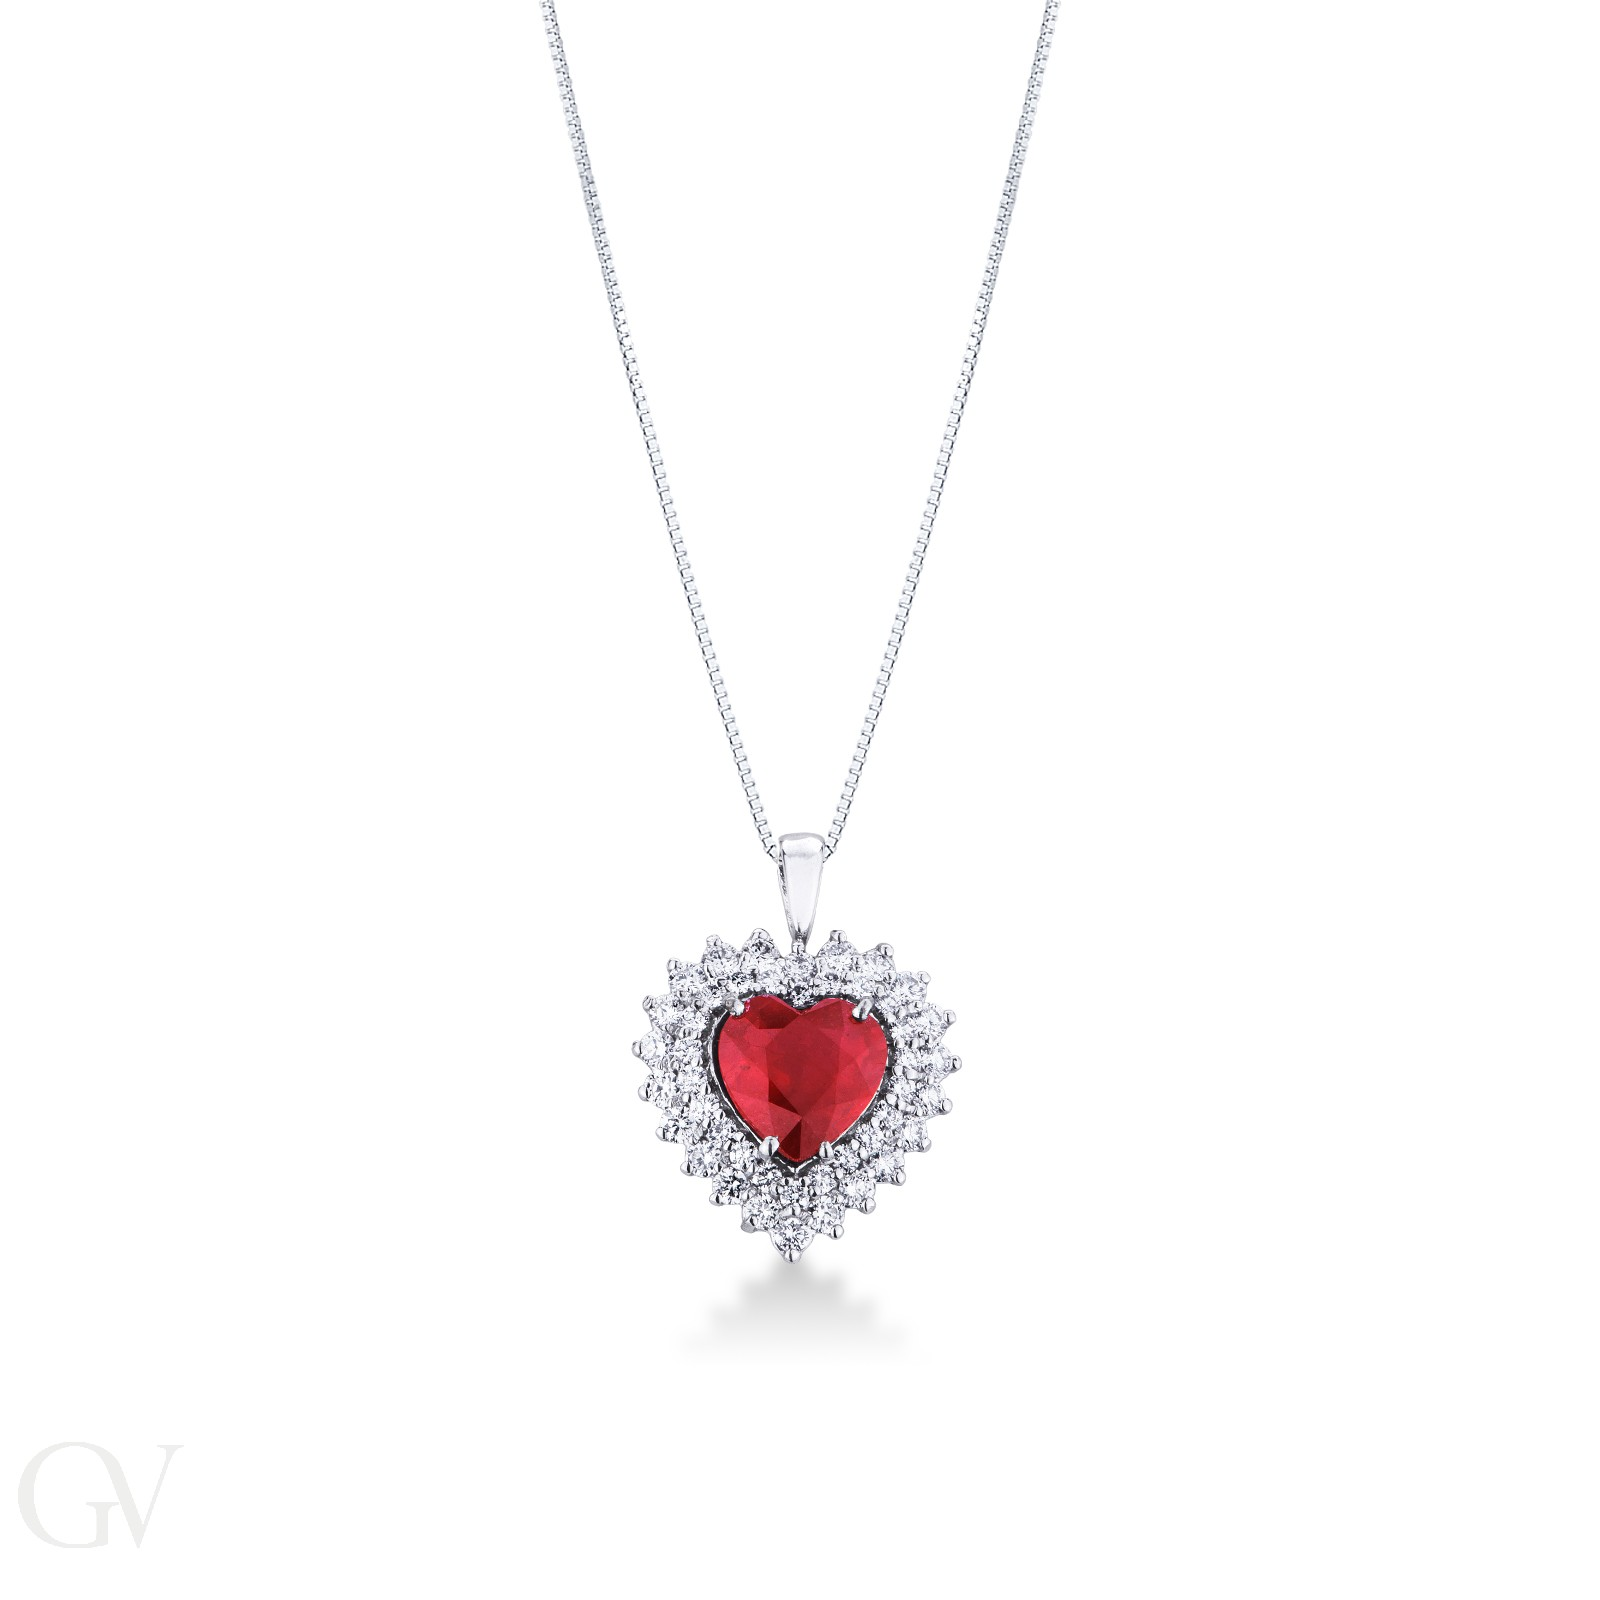 Collana a cuore in oro bianco 18k con rubino taglio cuore e doppio contorno diamanti.